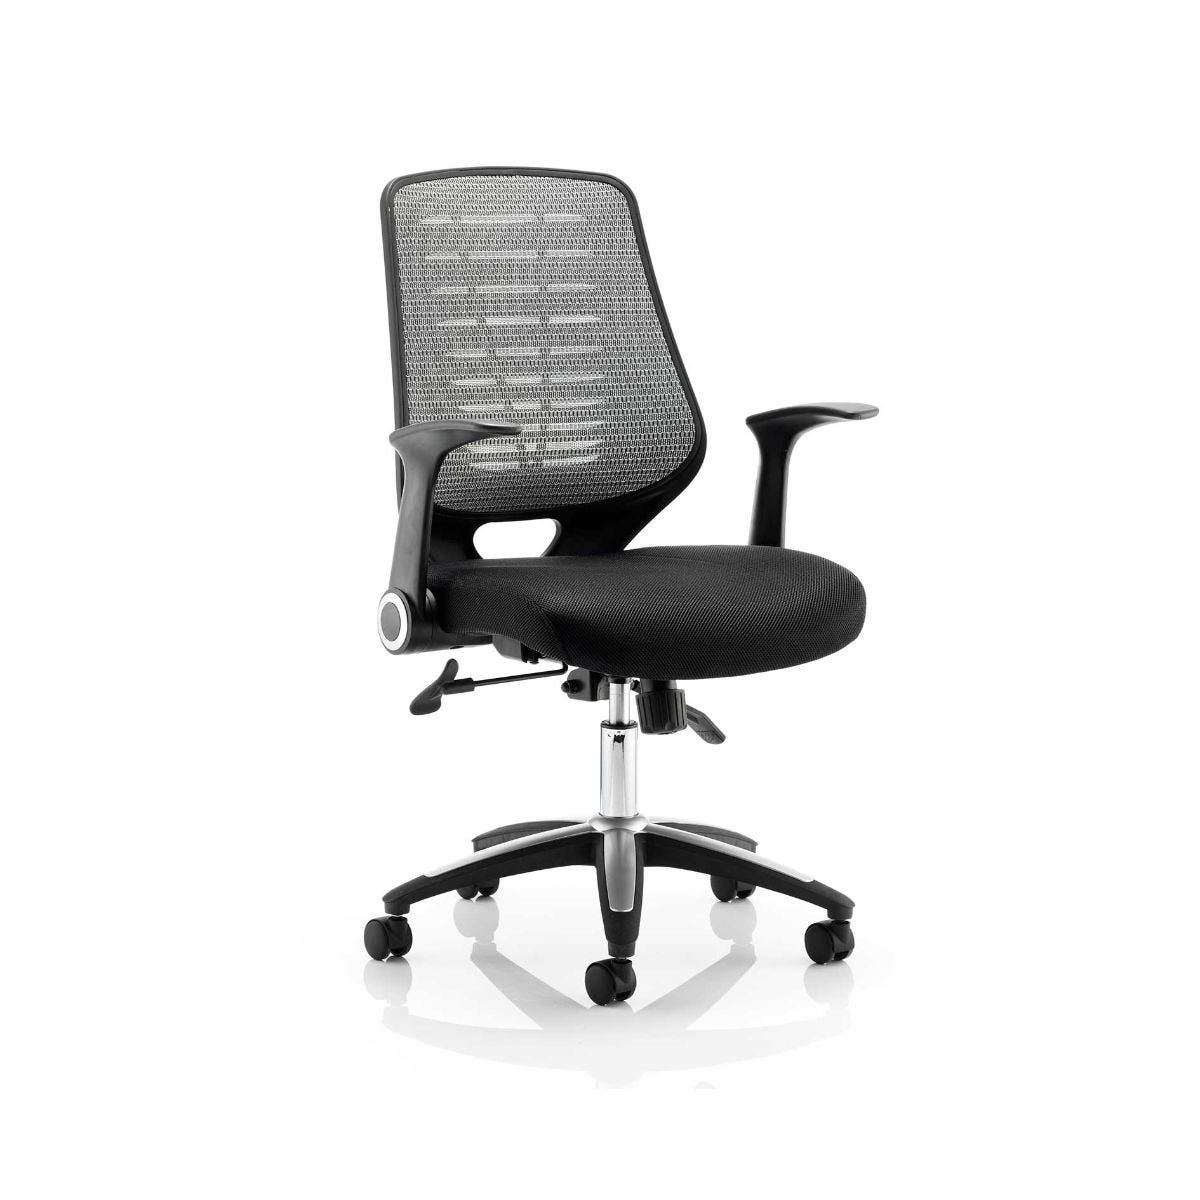 Relay Air Mesh Office Chair, Silver